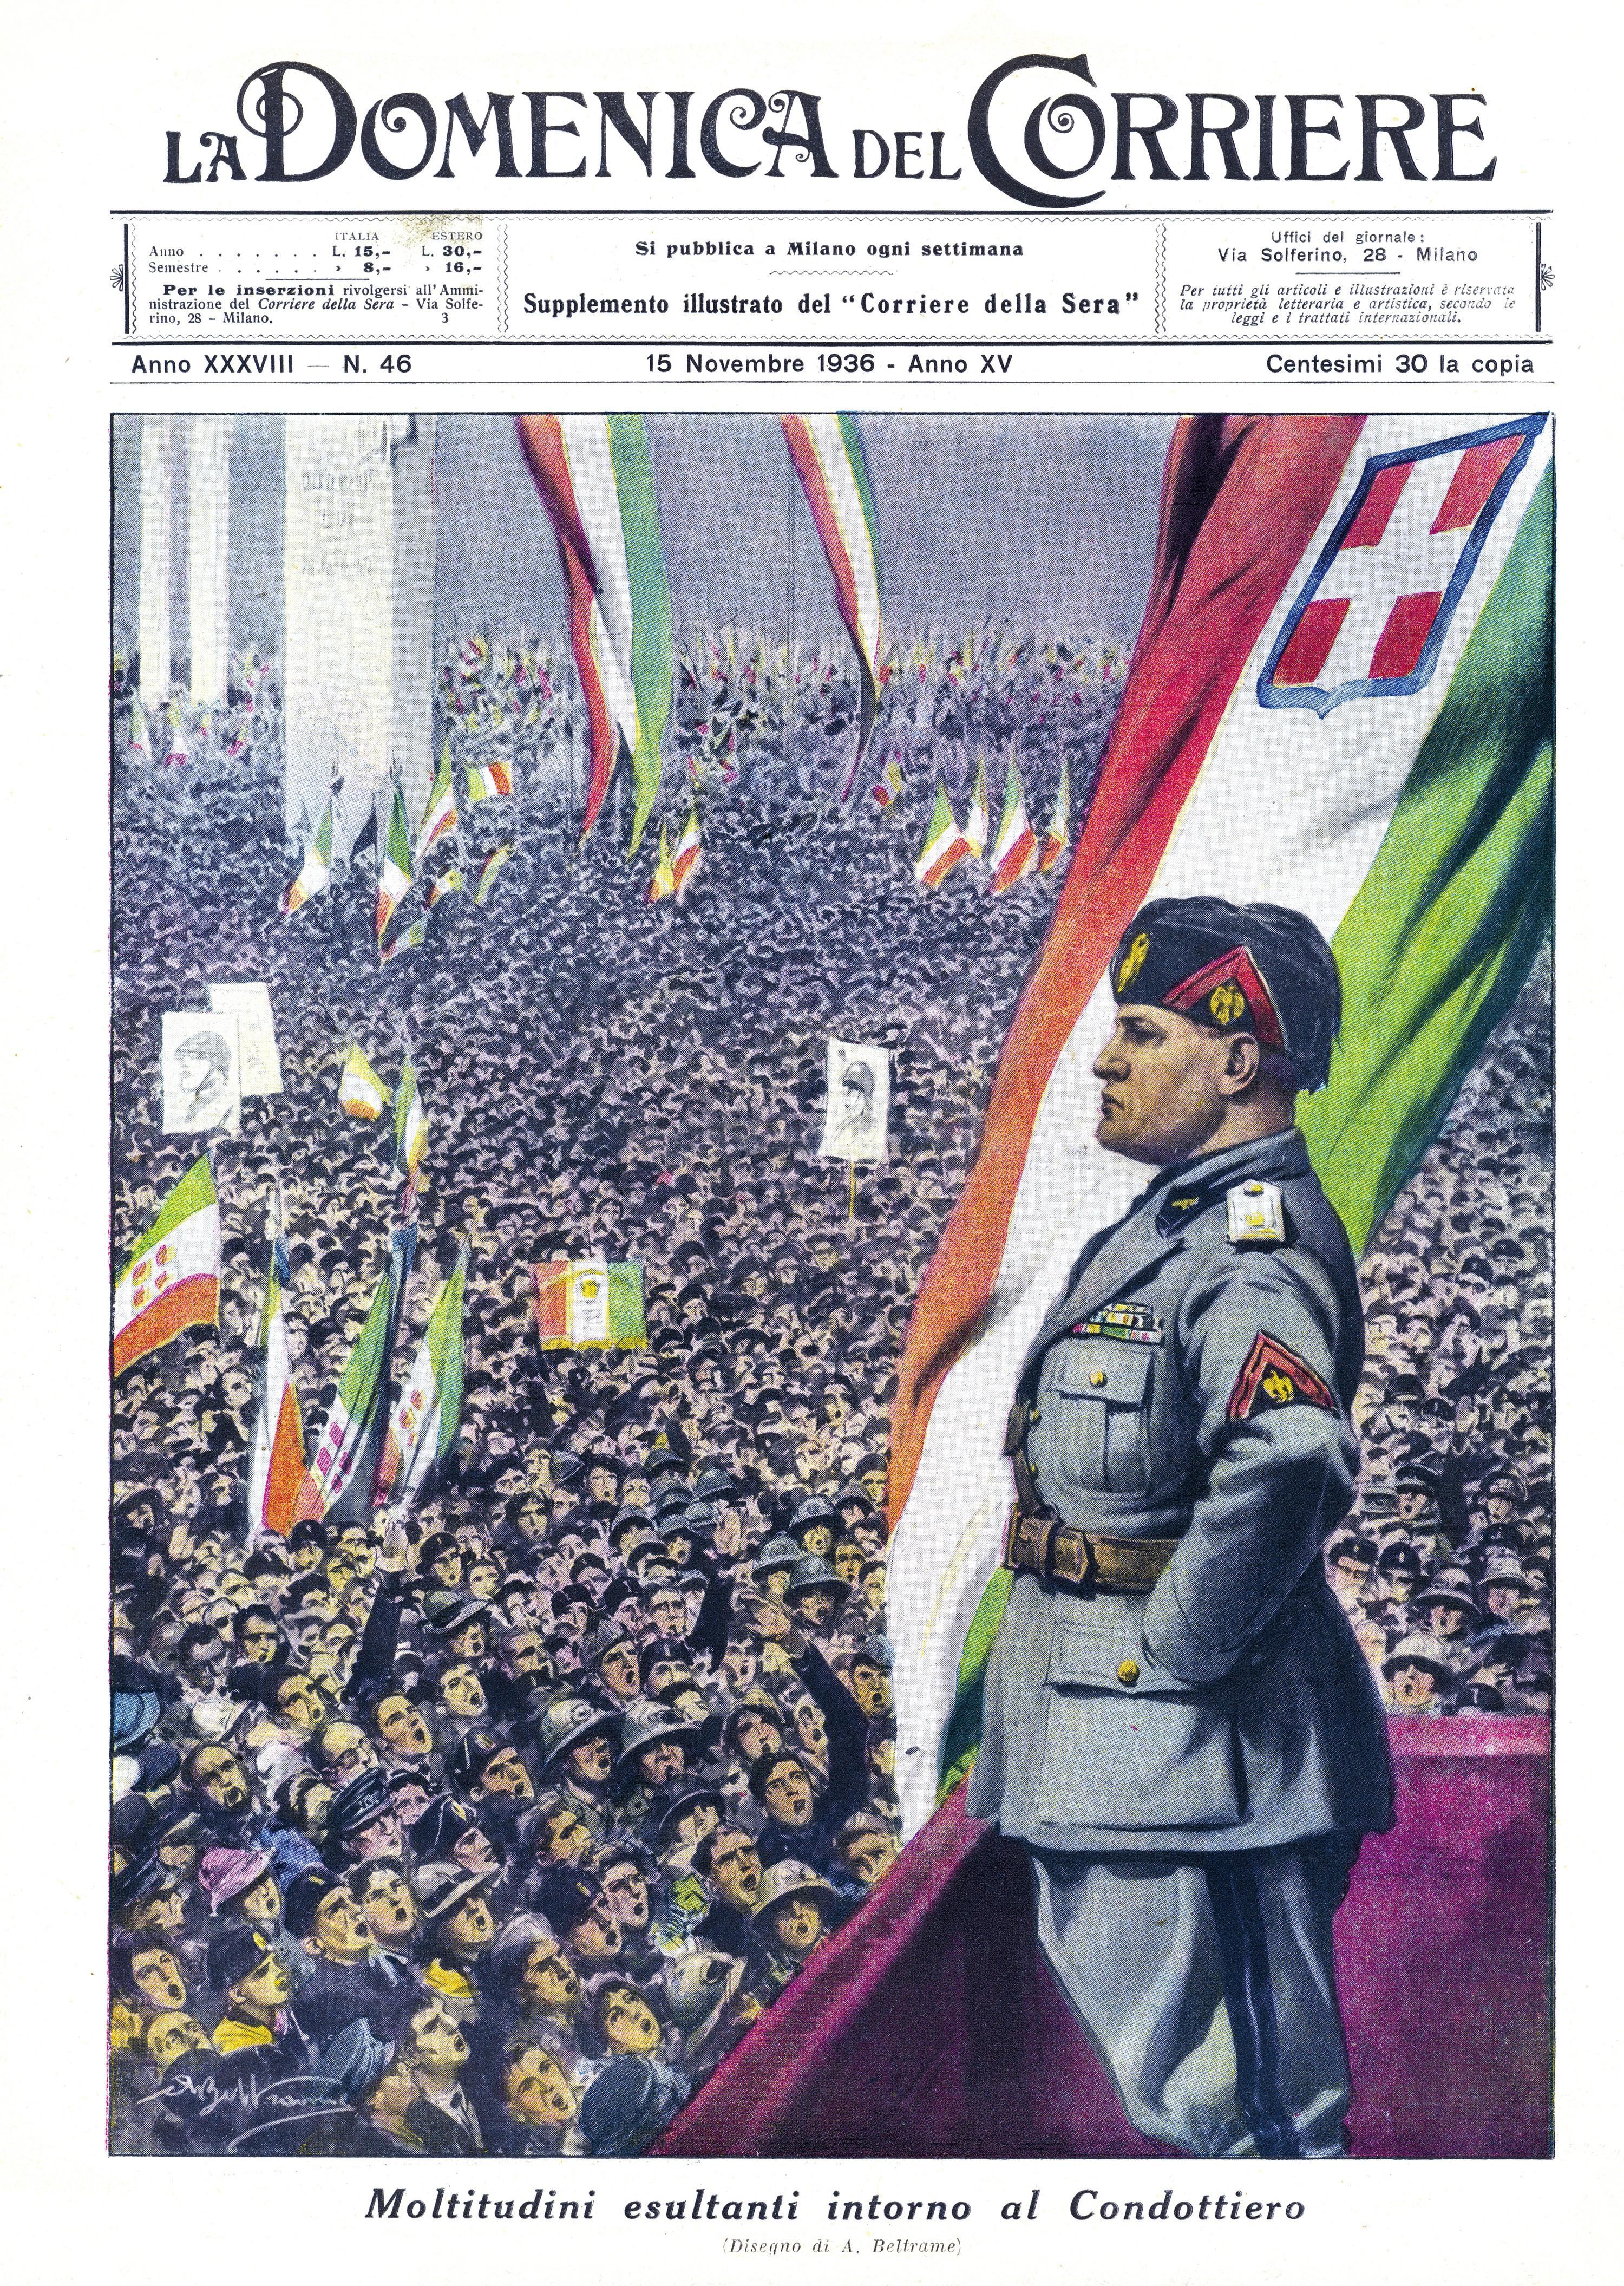 Mussolini faisant un discours à une foule - Une de La Domenica del Corriere, 16 novembre 1936